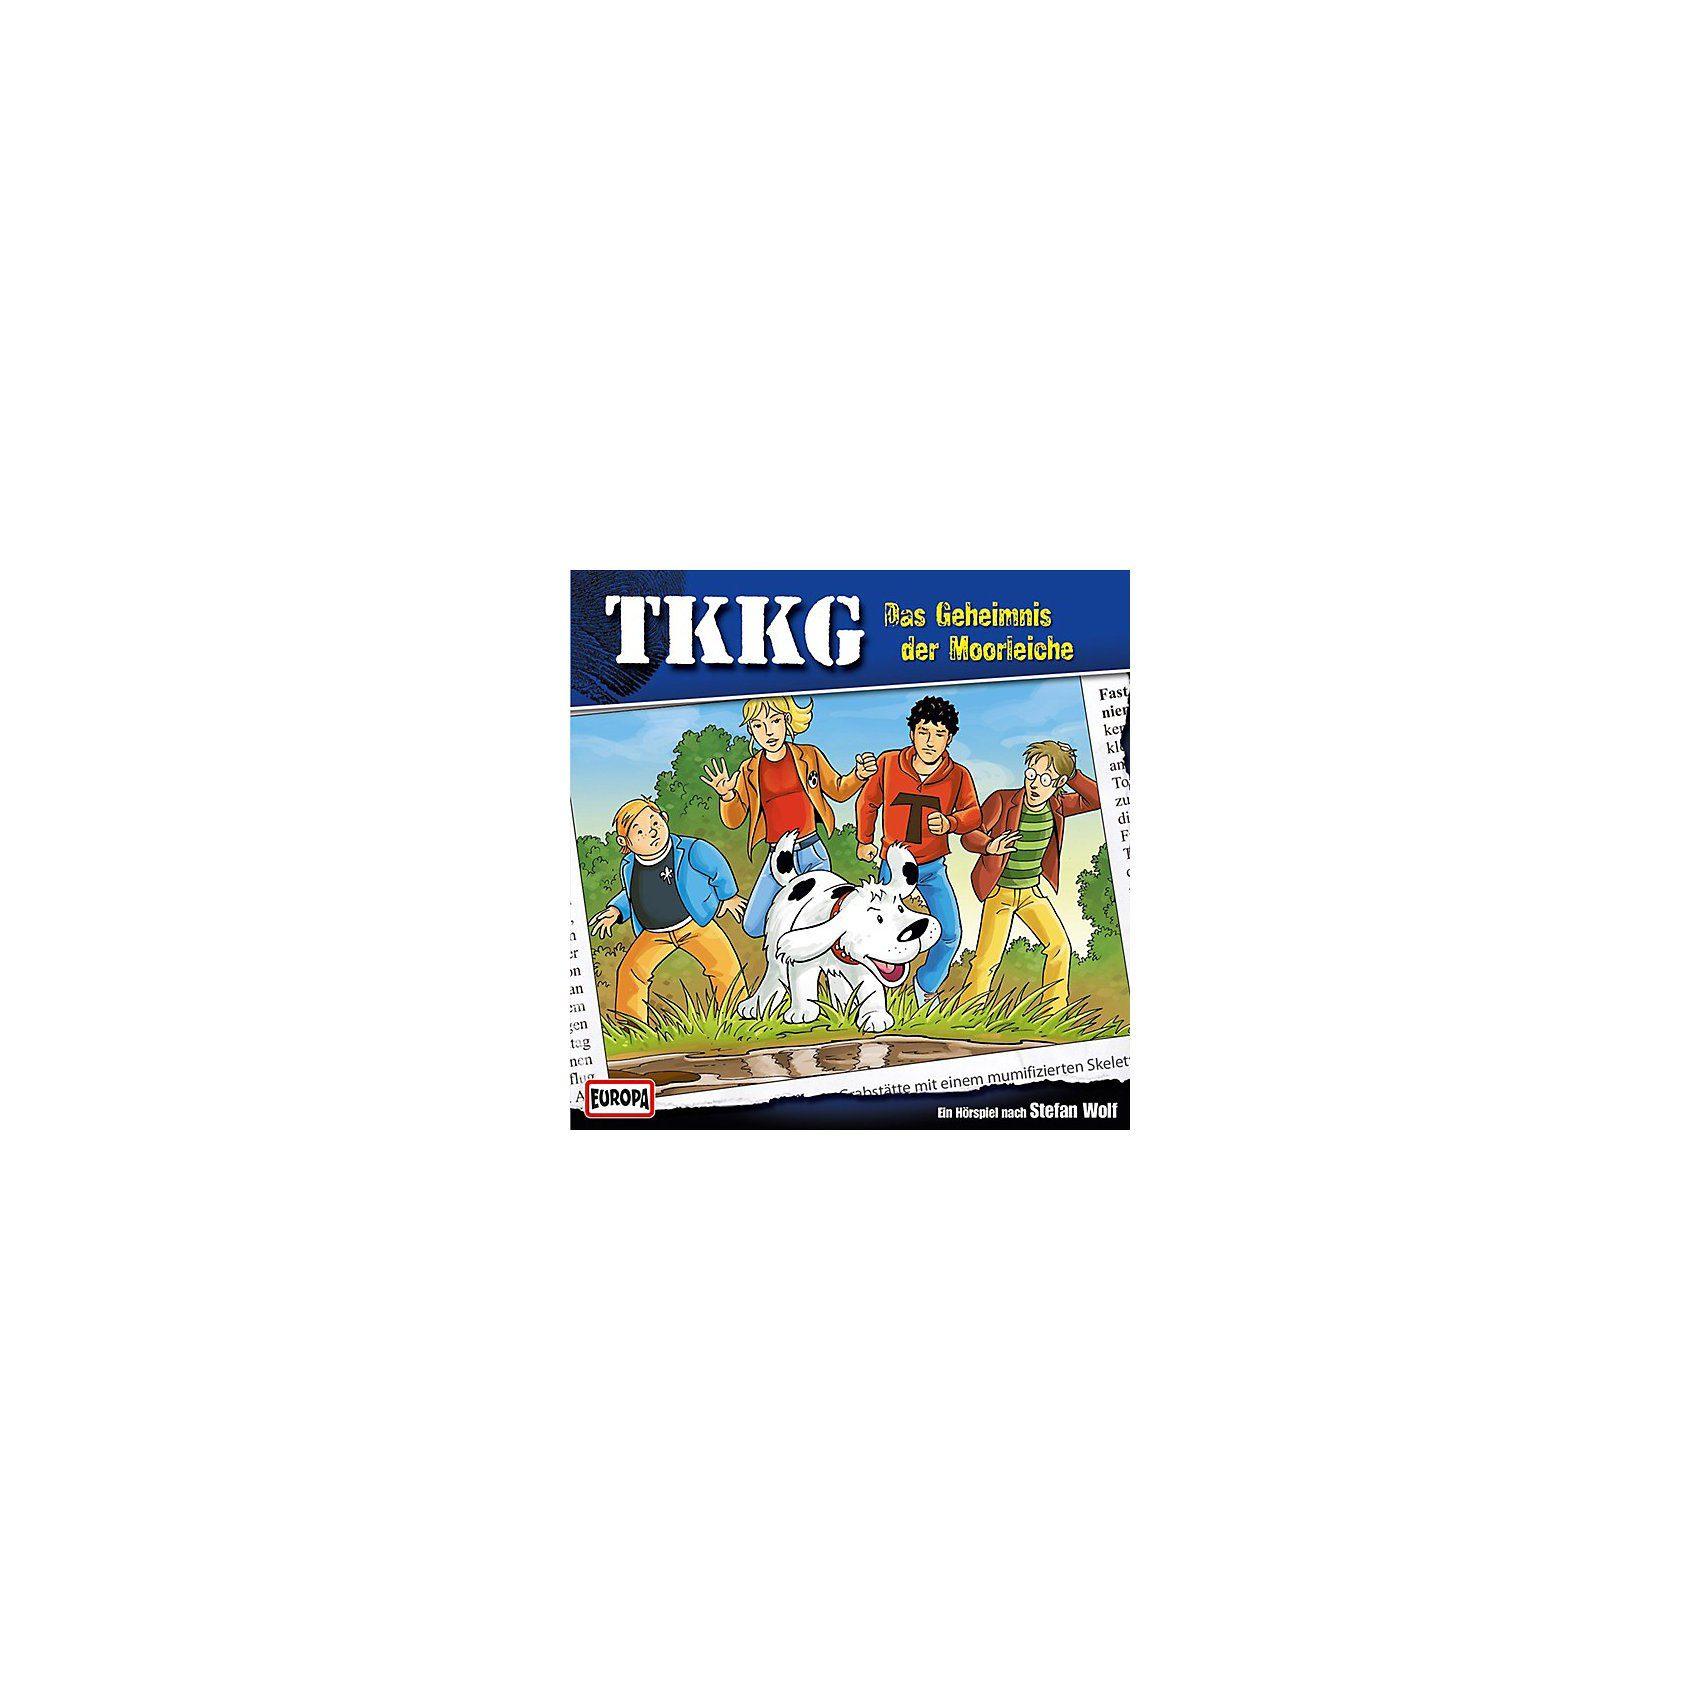 SONY BMG MUSIC CD TKKG 172 - Das Geheimnis der Moorleiche